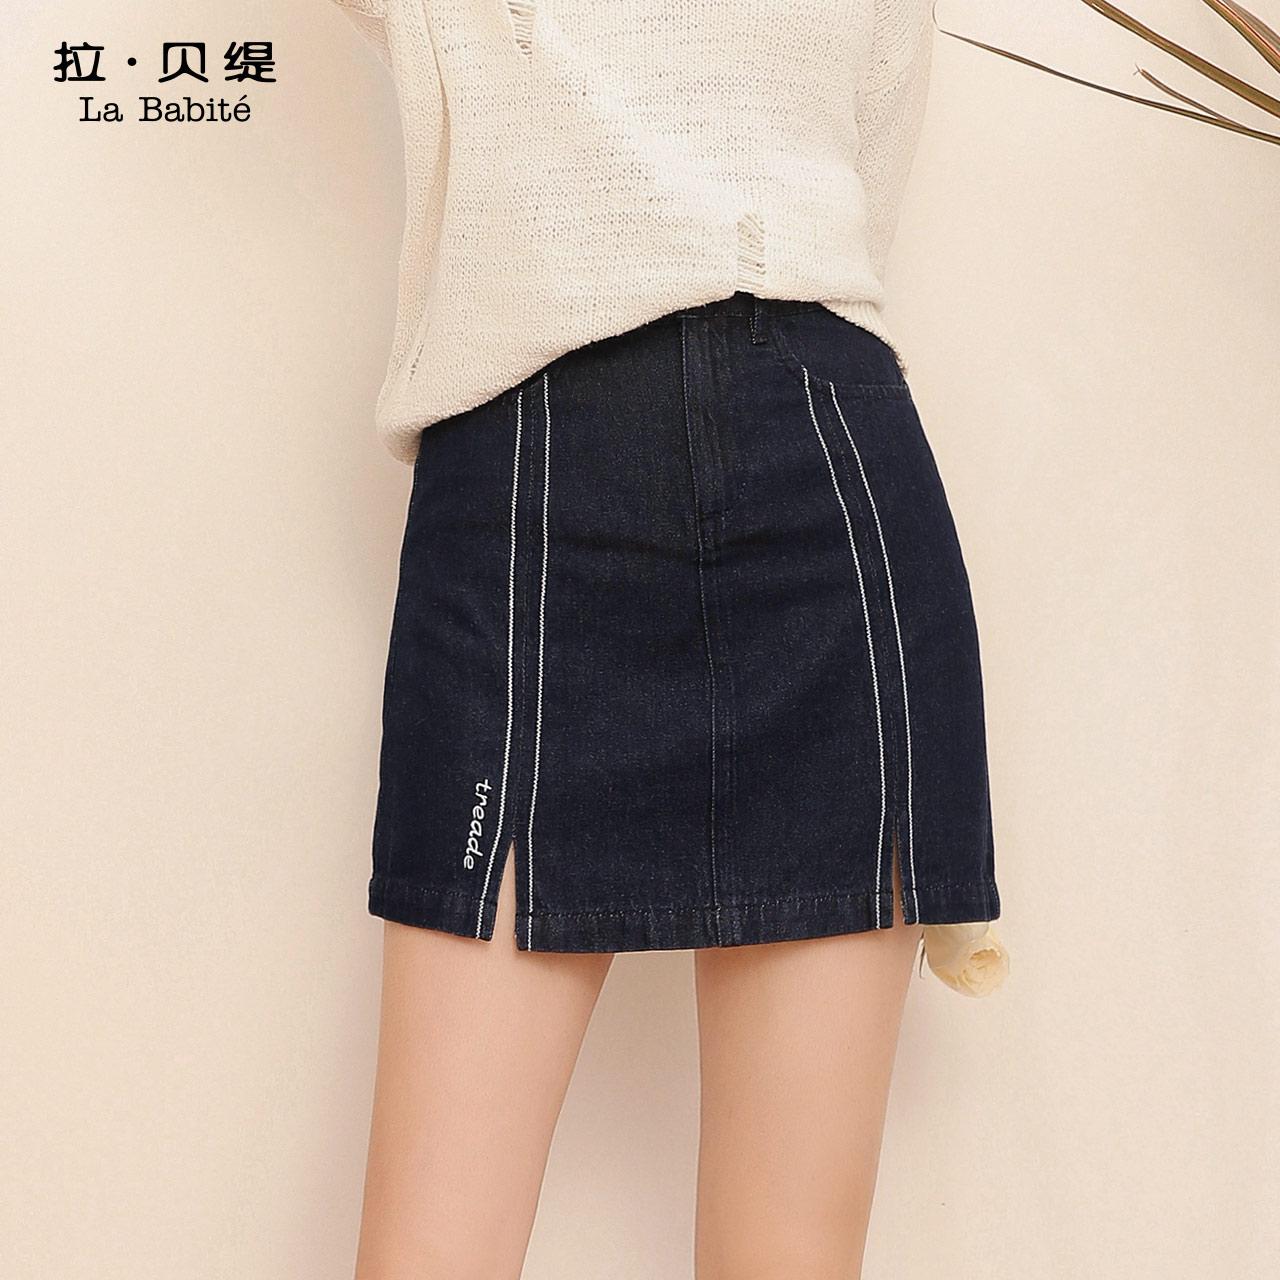 牛仔chic半身裙2018秋装新款百搭高腰时尚一步裙a字短裙子女士